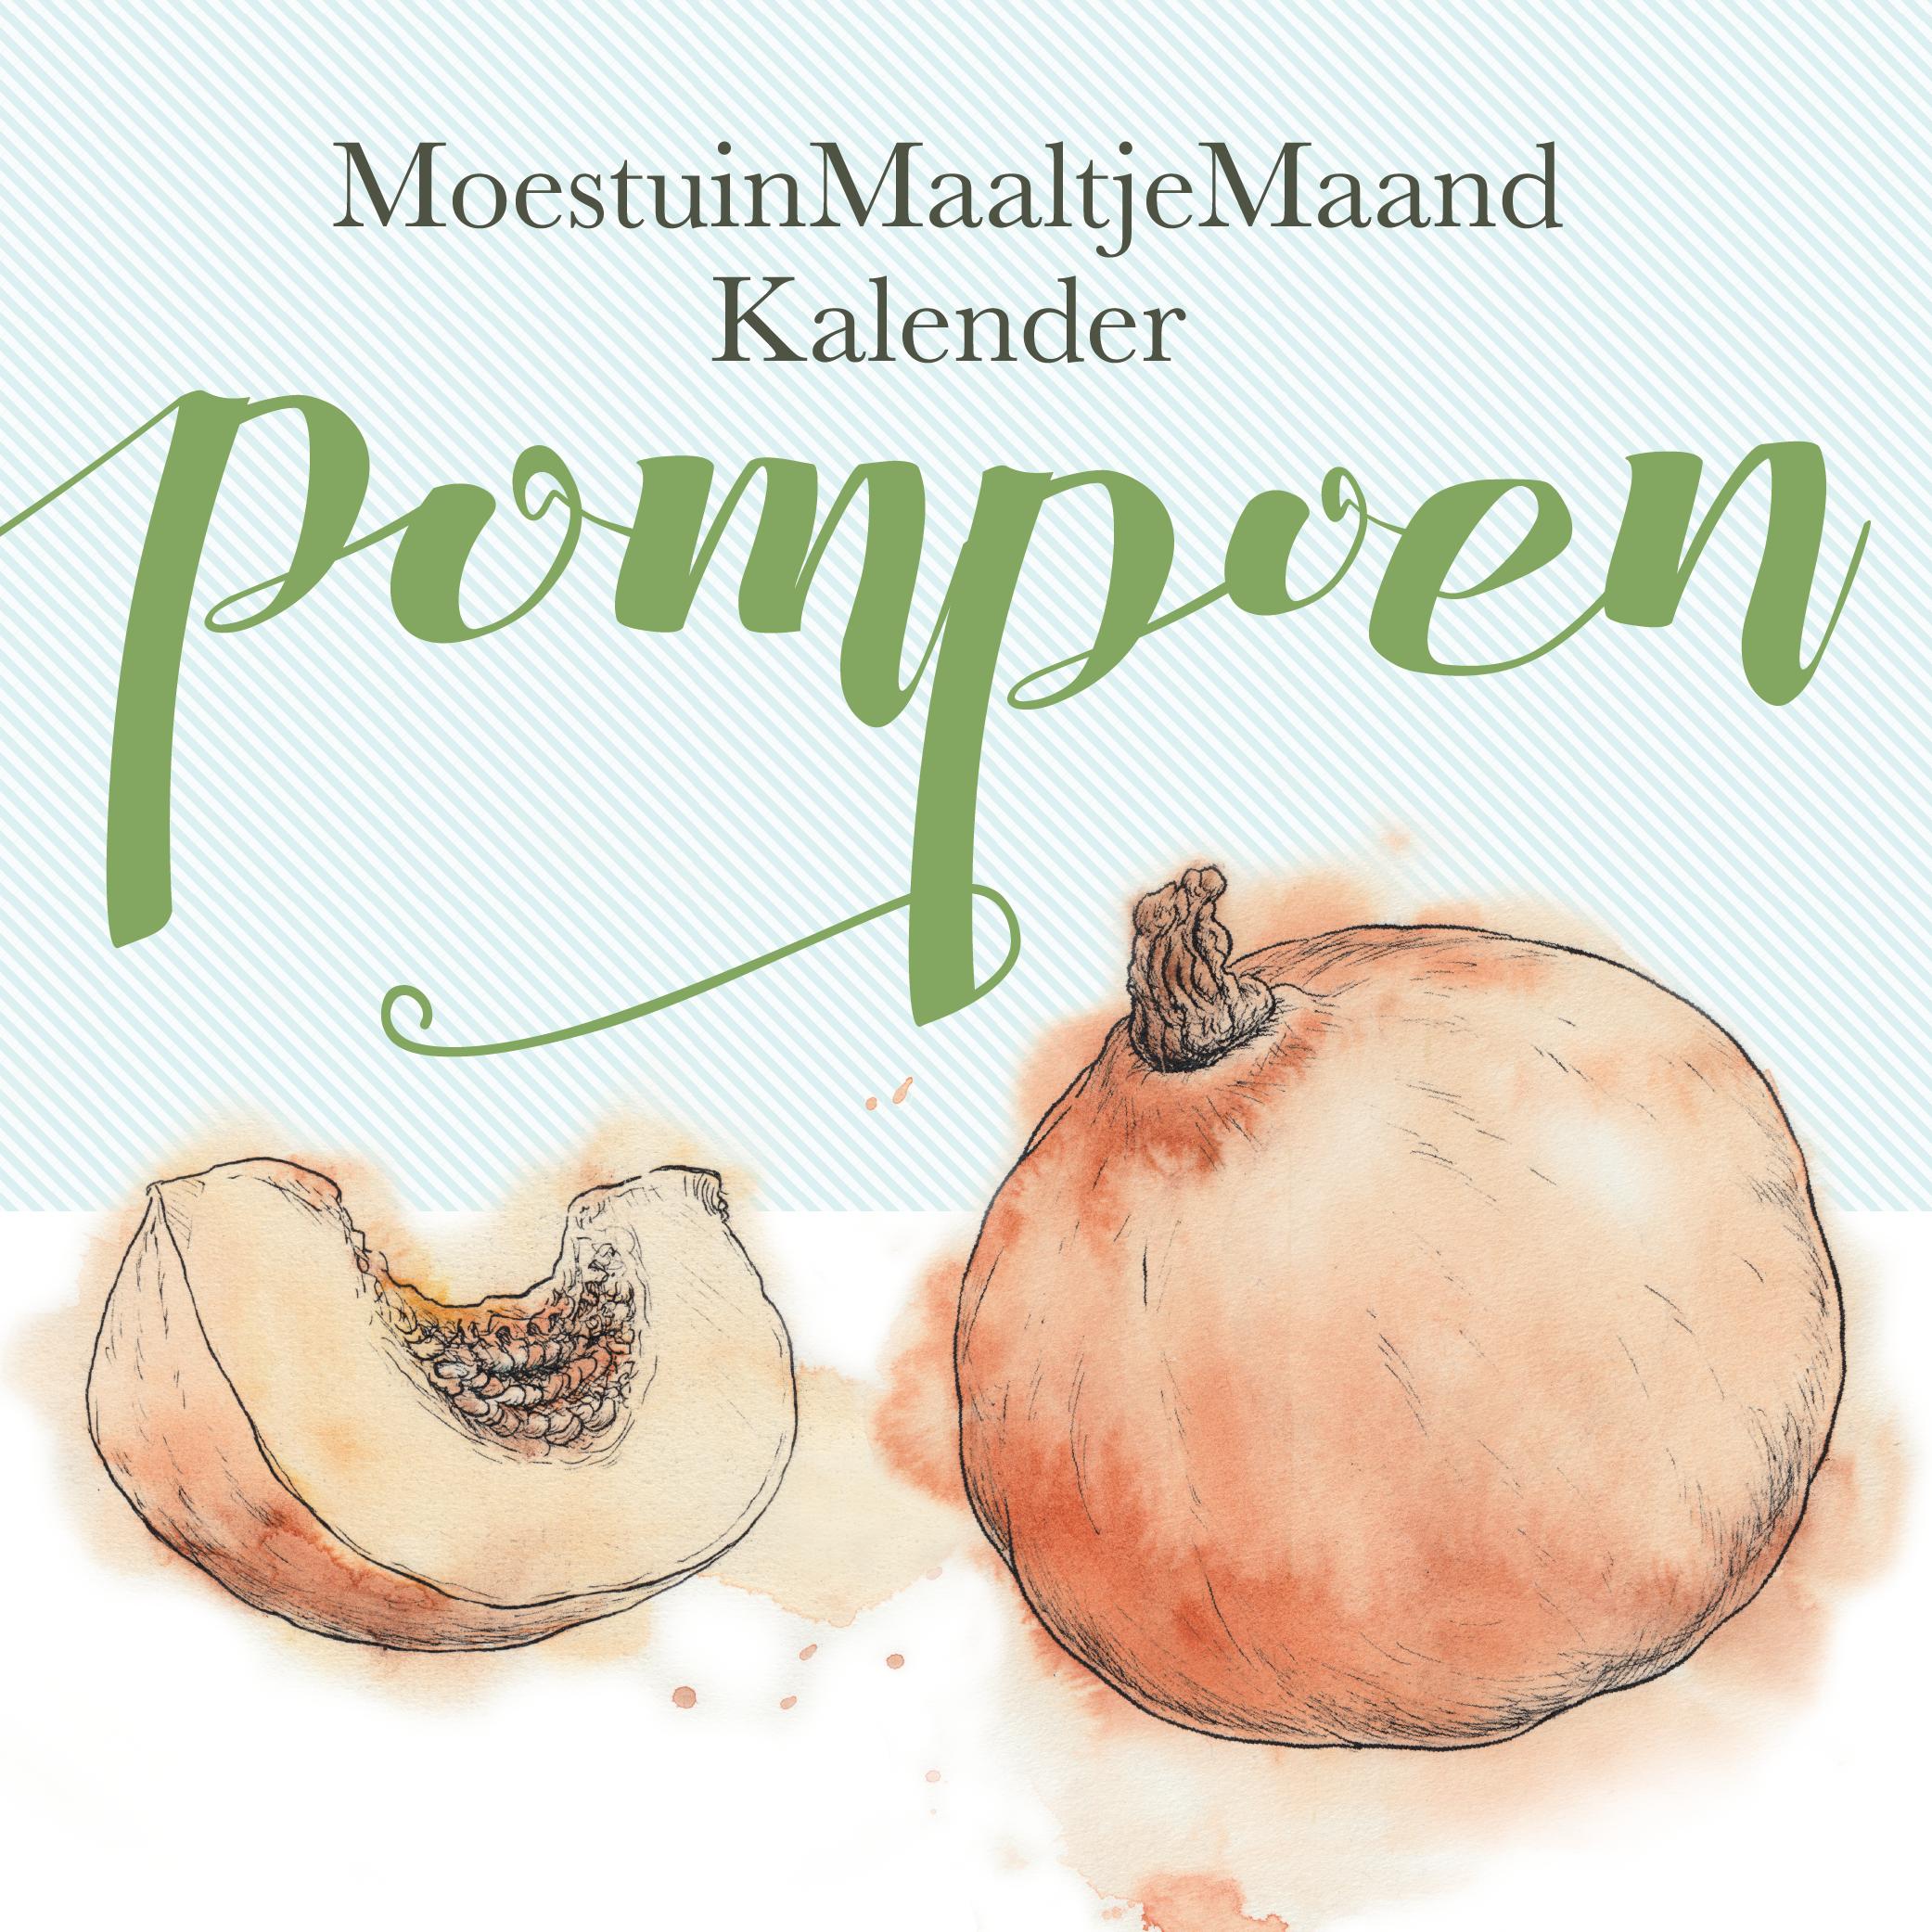 Zelf pompoen kweken? Moestuintijger Meriam Beek legt uit hoe je dat doet.Met verrassend pompoenrecept voor straks, in de herfst...